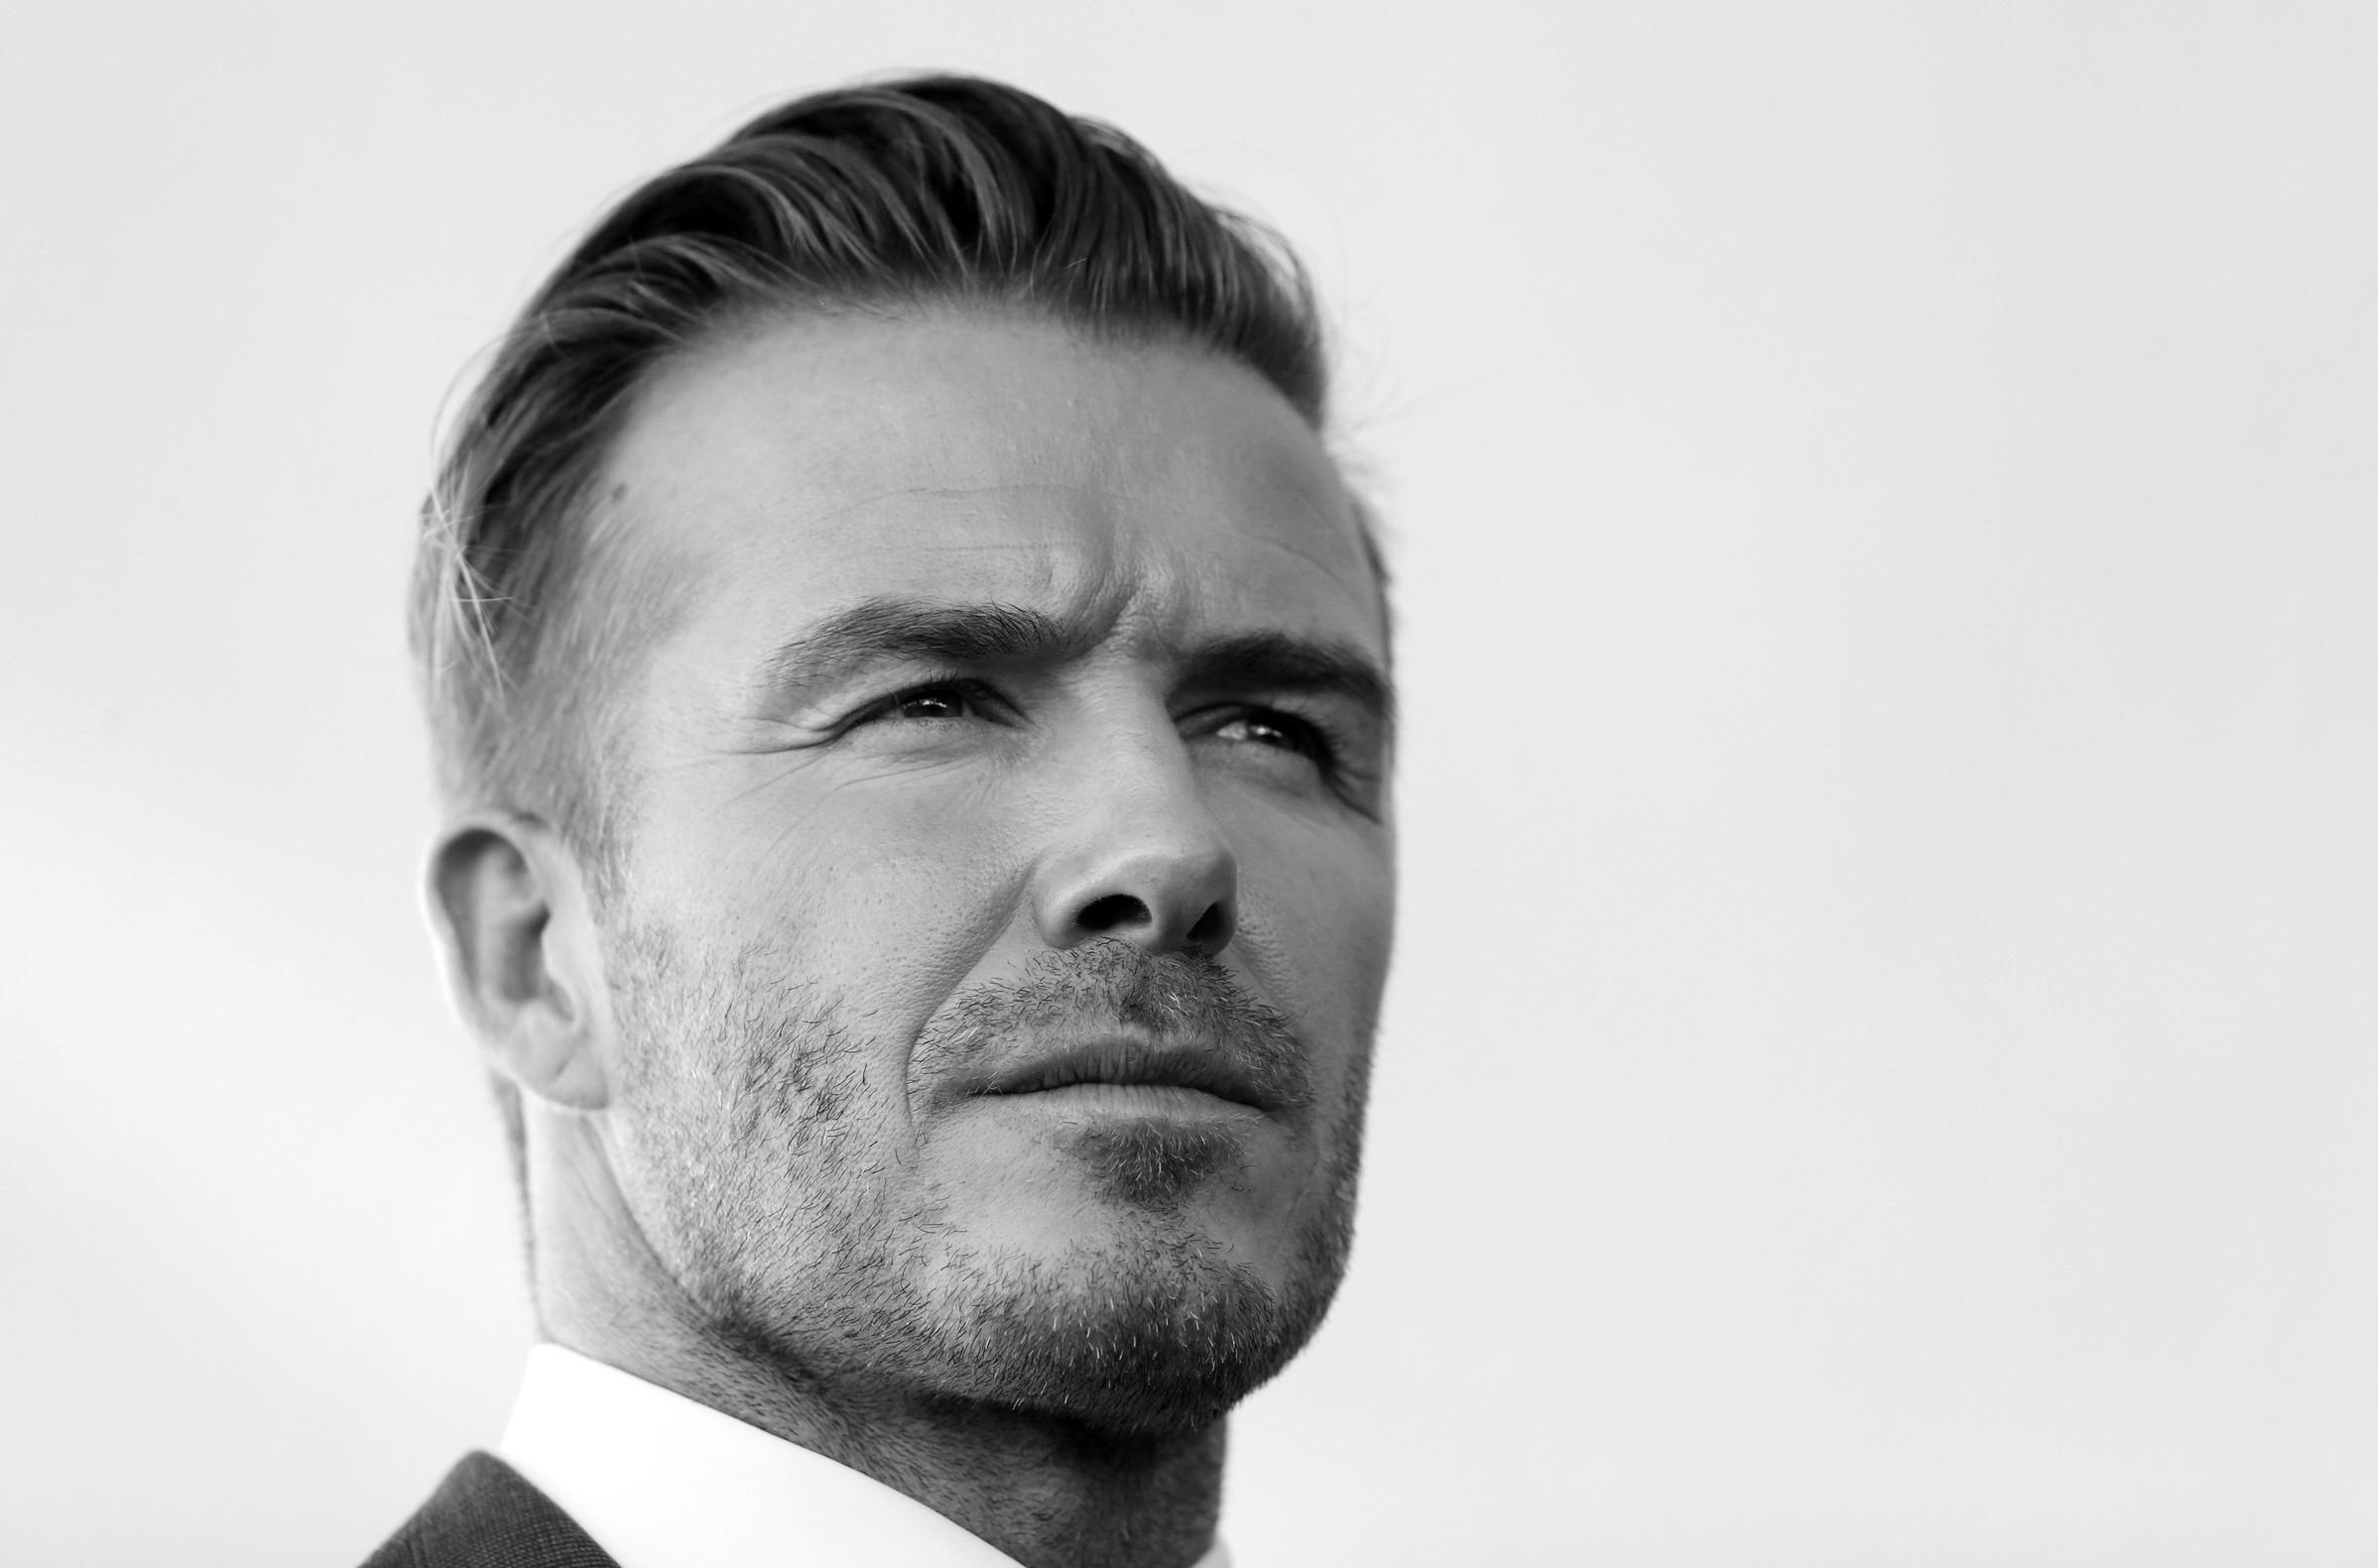 Res: 2397x1581, David Beckham Face Wallpaper 53241